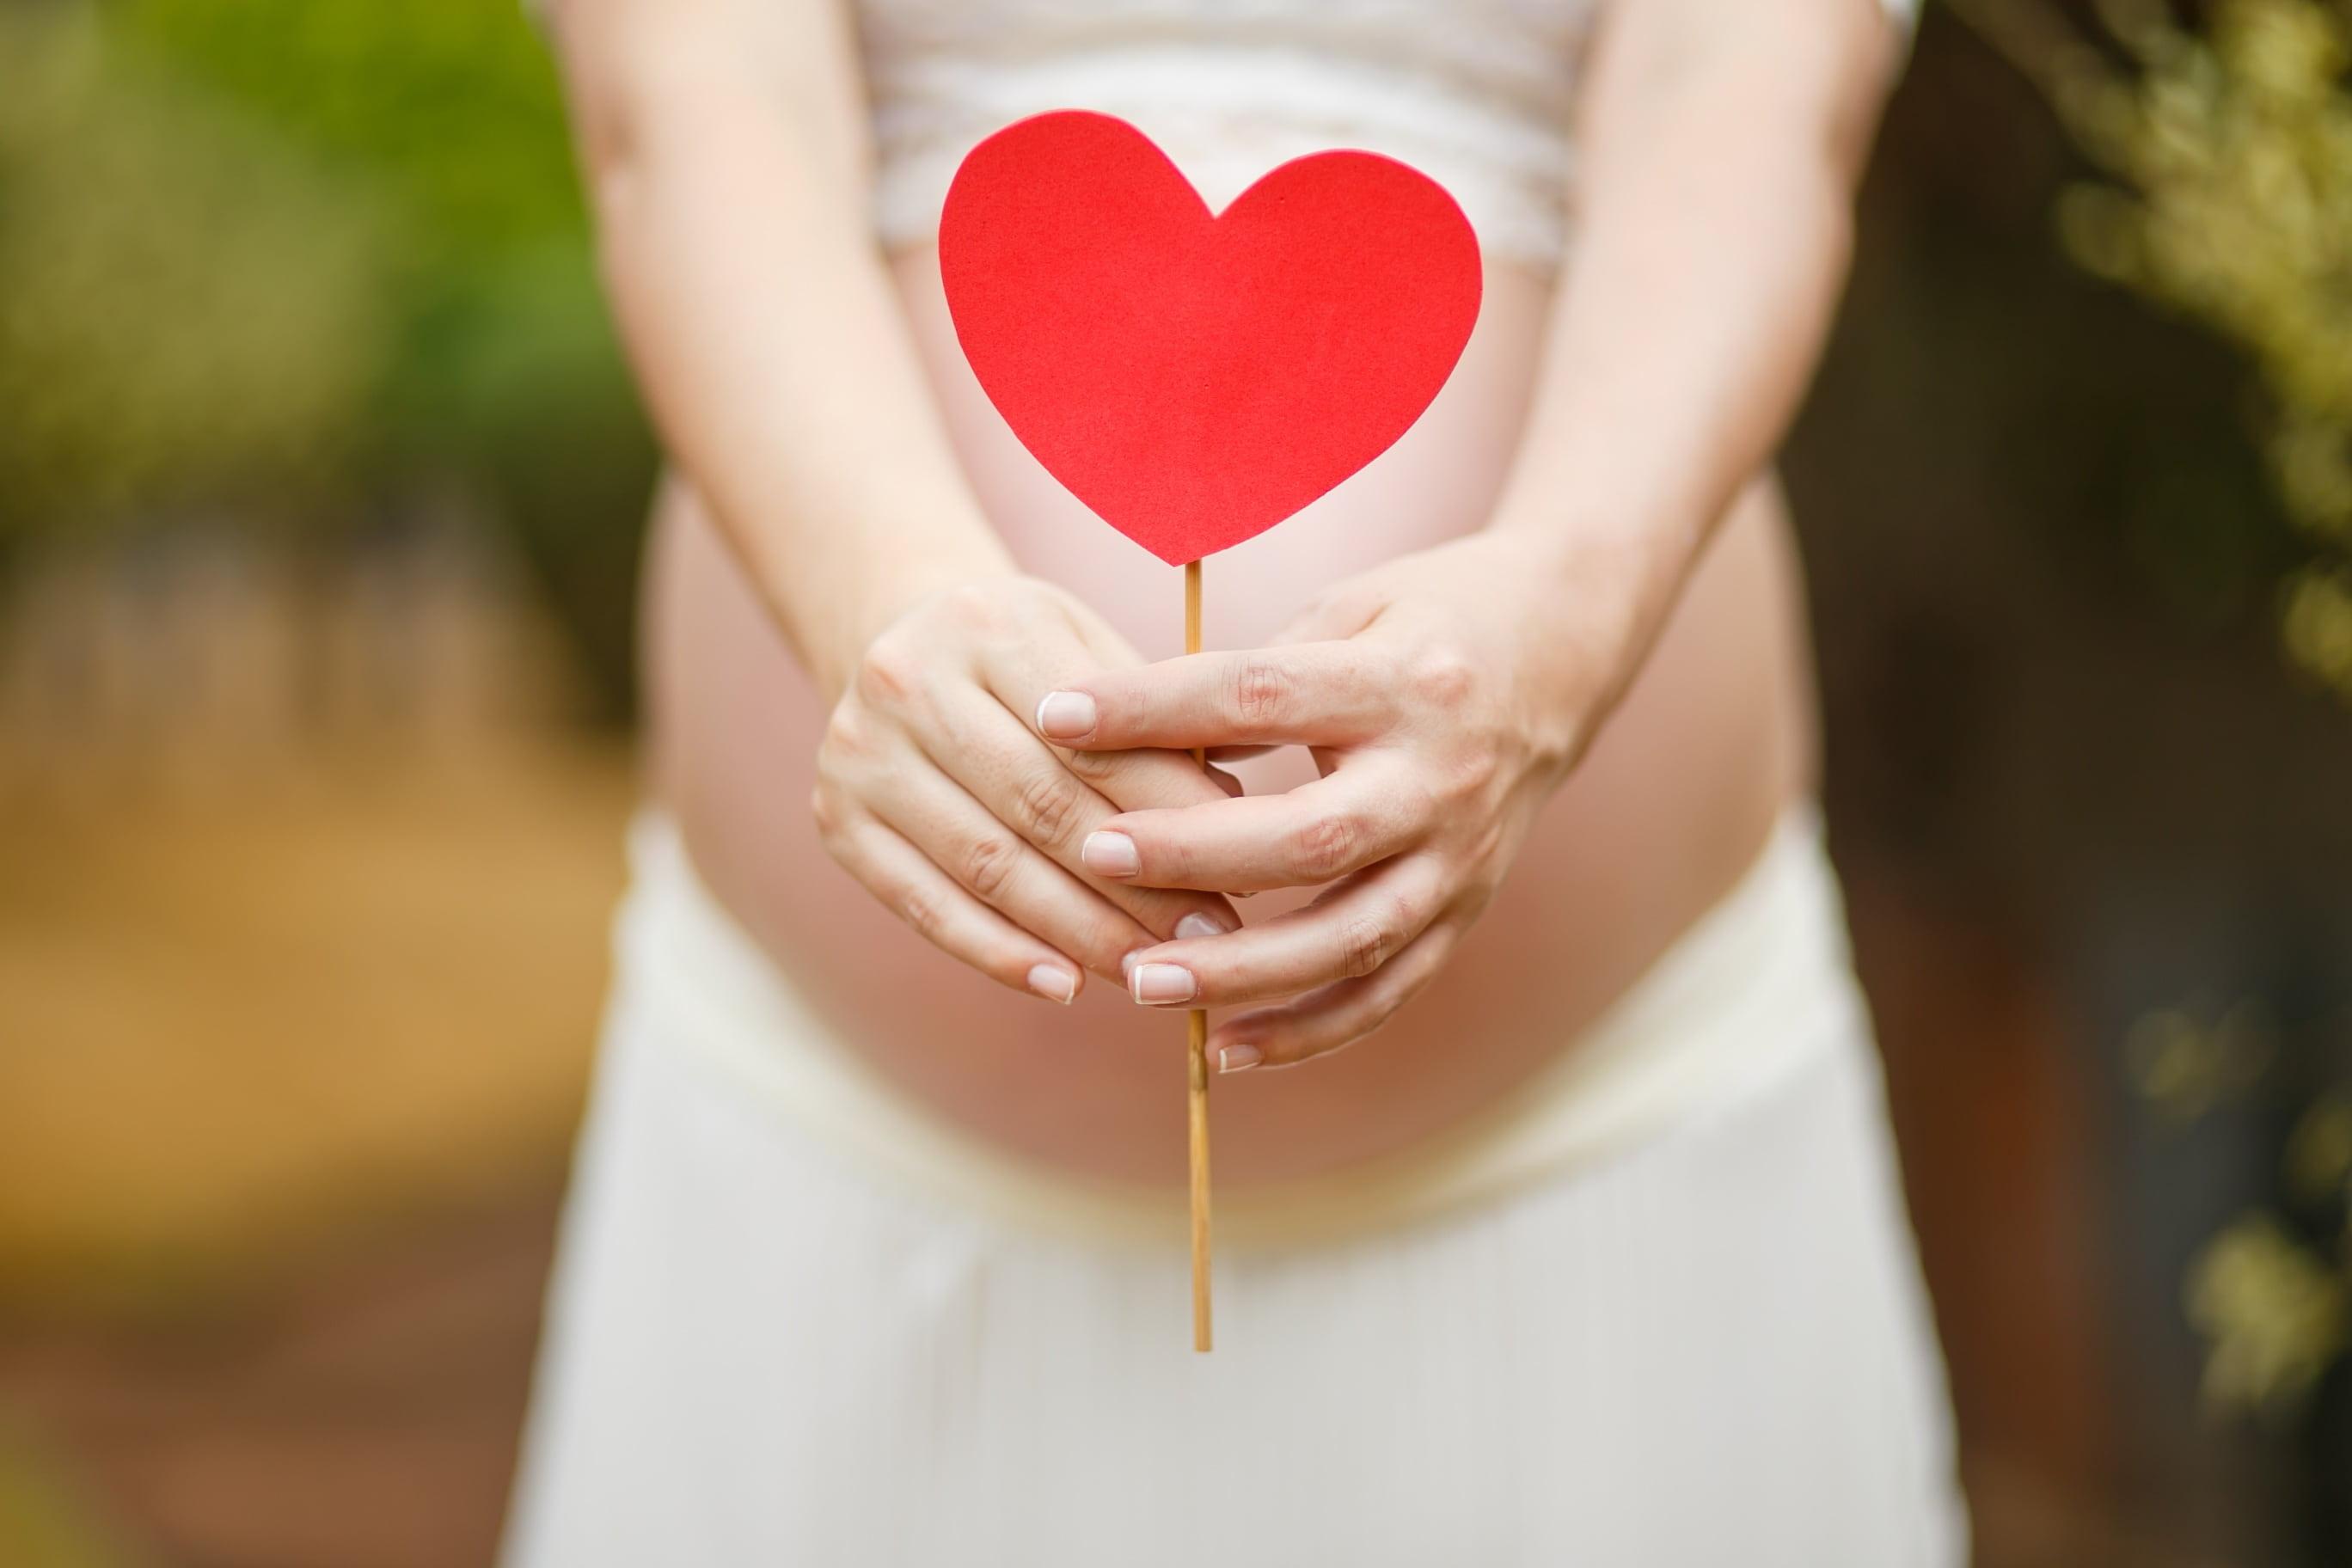 magas vérnyomás kezelése szoptatás alatt